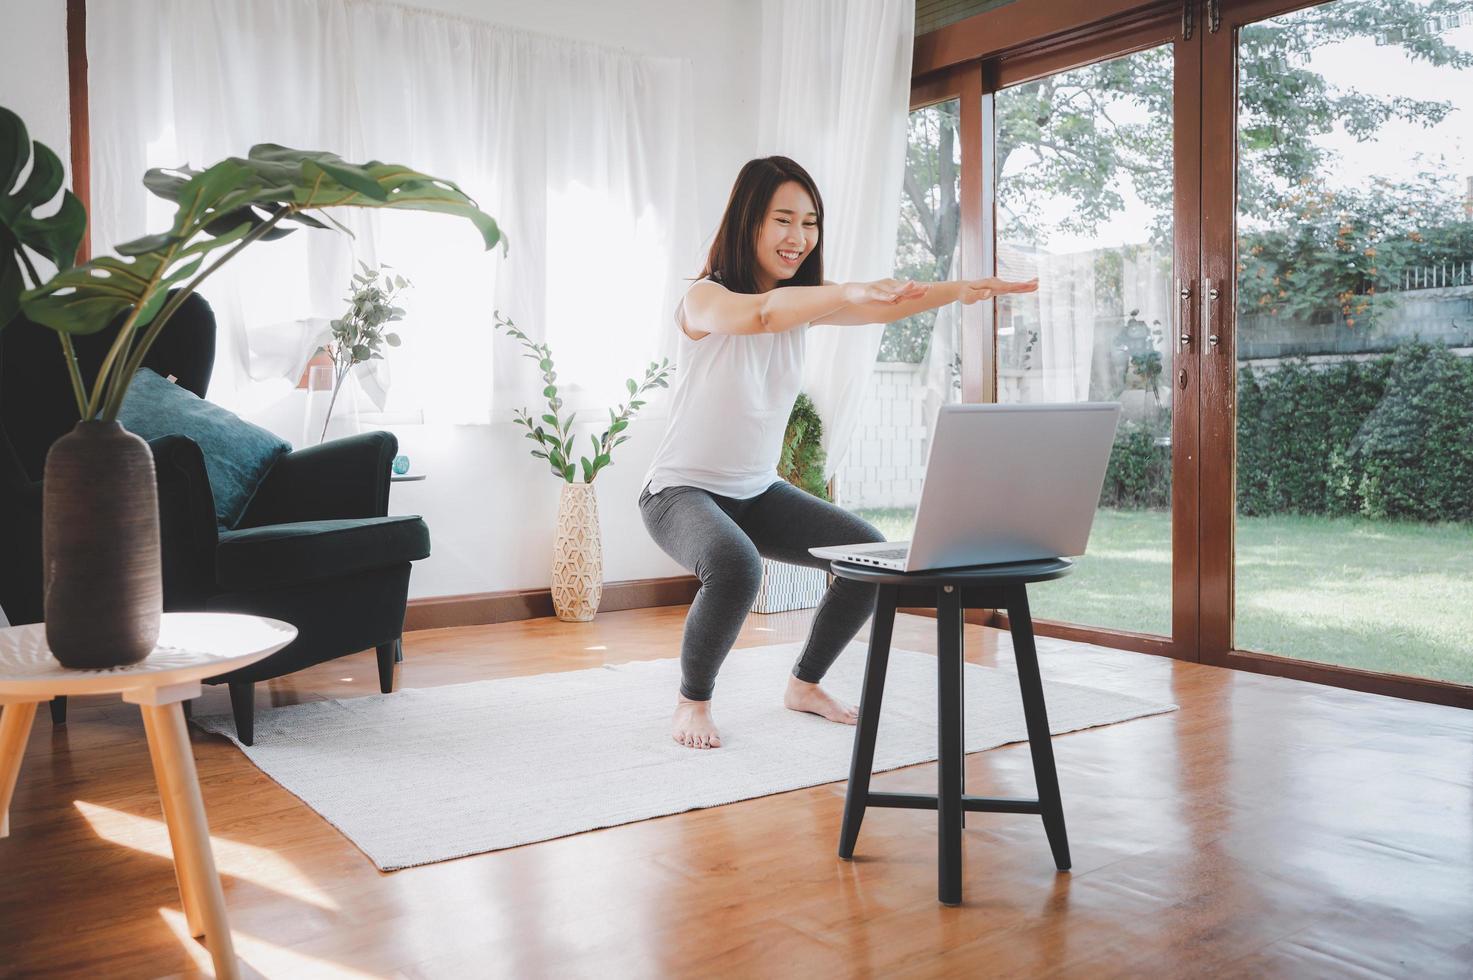 Frau lernt Online-Workout-Übungsklasse zu Hause vom Laptop foto